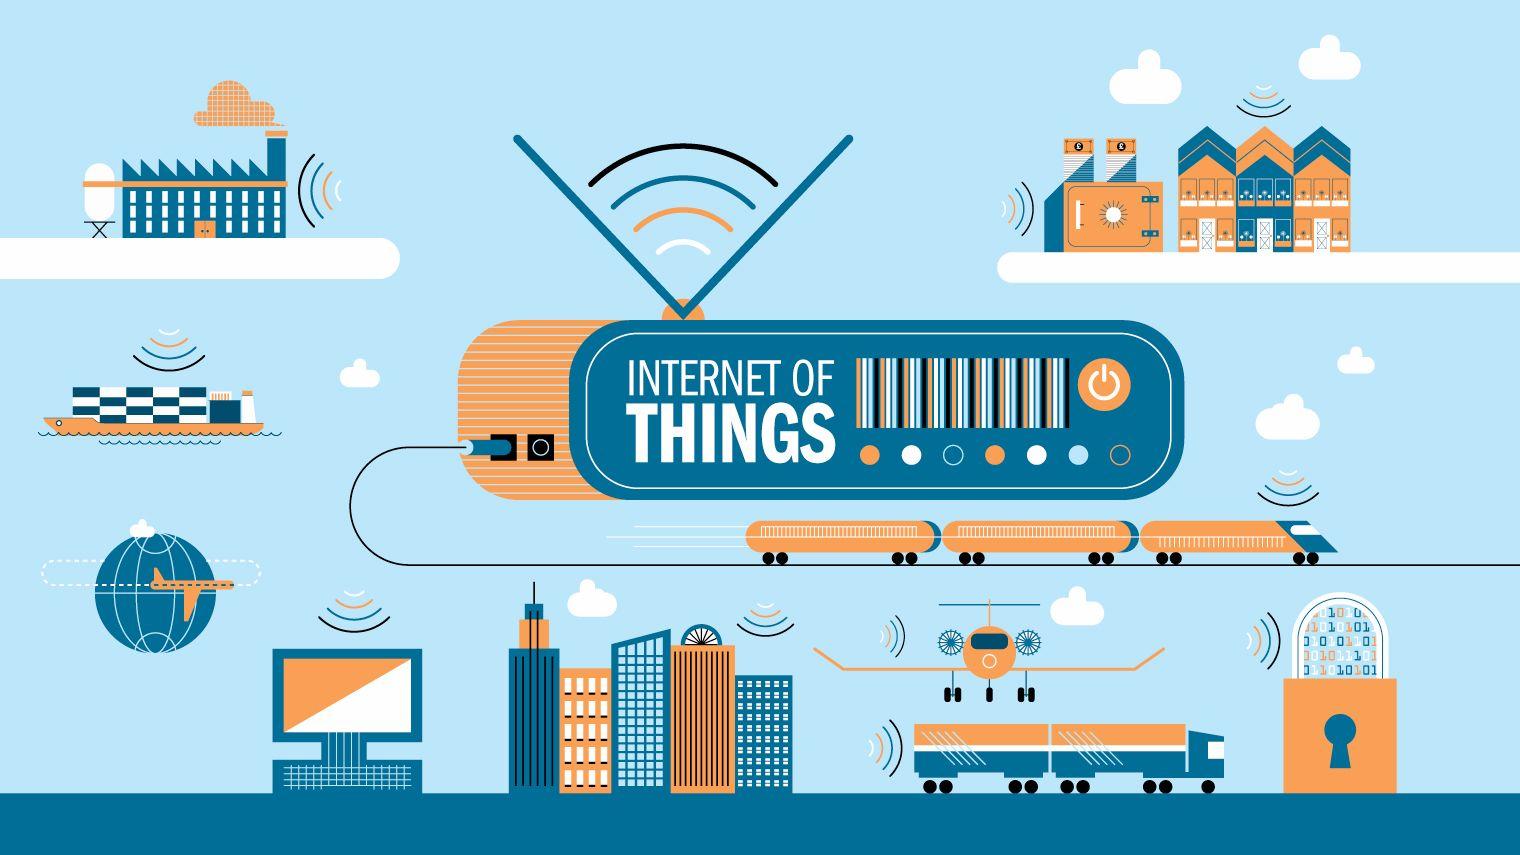 Если мы будем создавать объекты Интернета Вещей, потребители придут к нам сами. Так ли это?